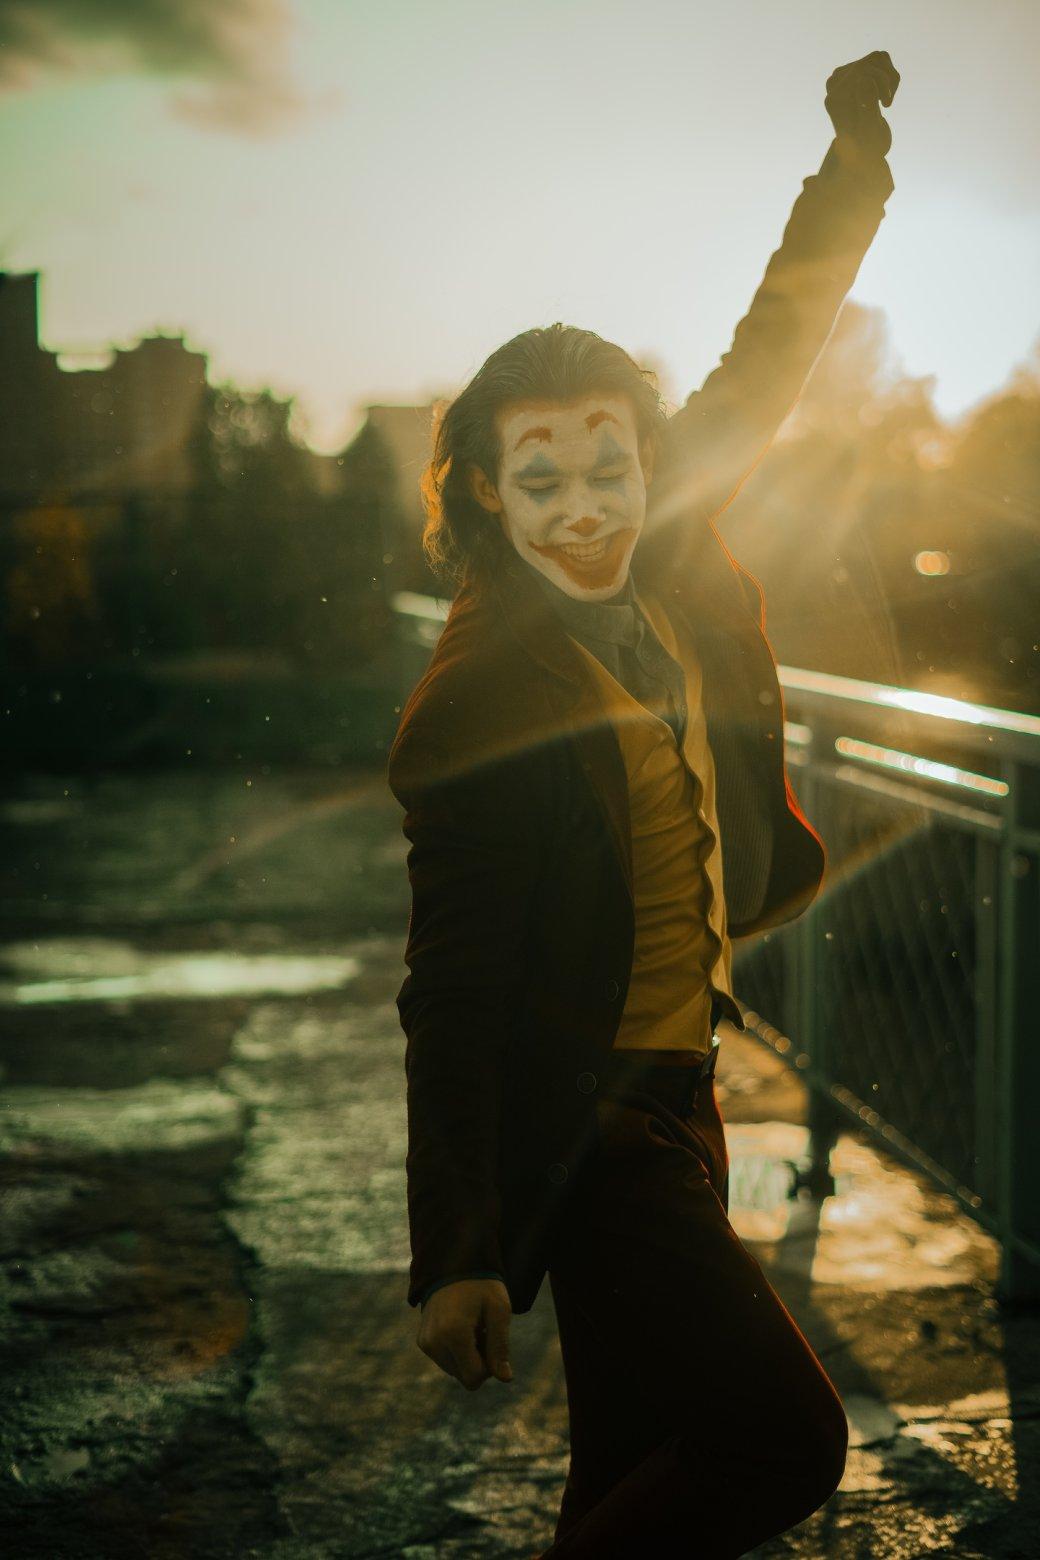 Безумный и грустный Джокер пляшет в новом косплее | Канобу - Изображение 8062